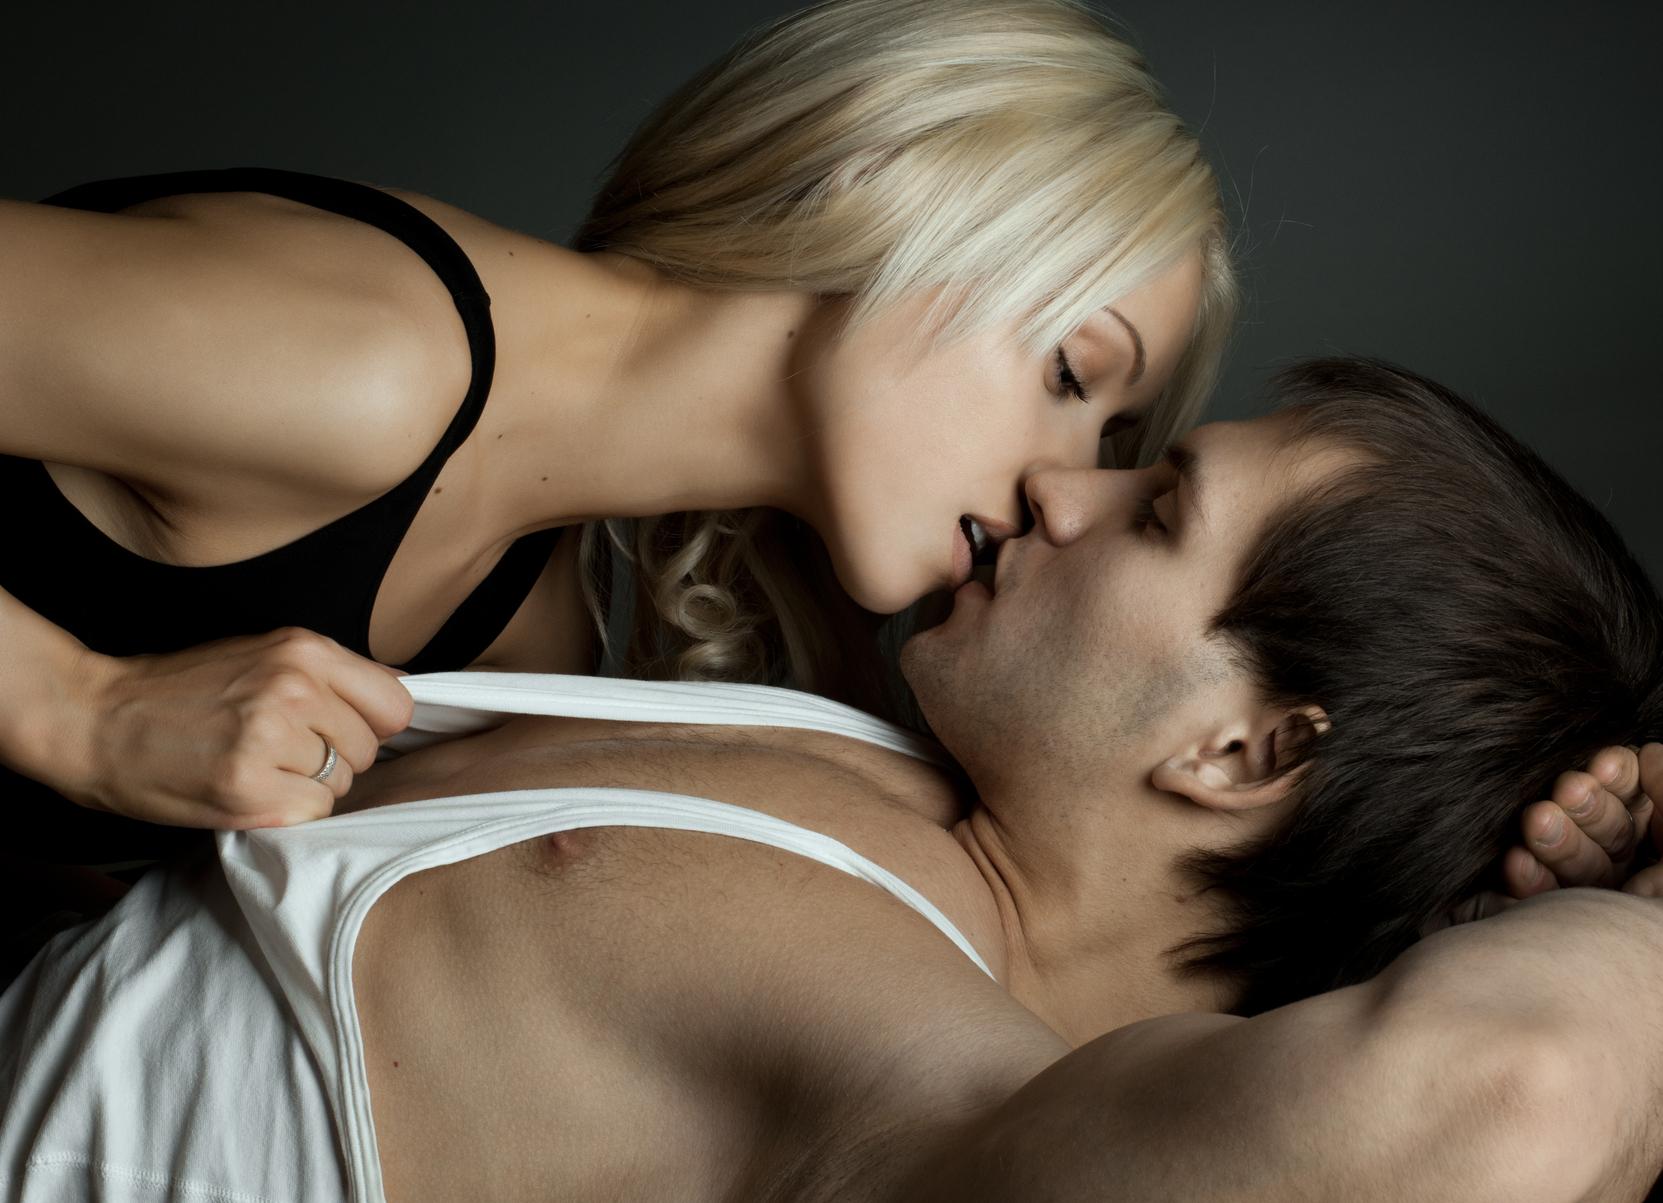 pokazat-seksualnie-otnoshenie